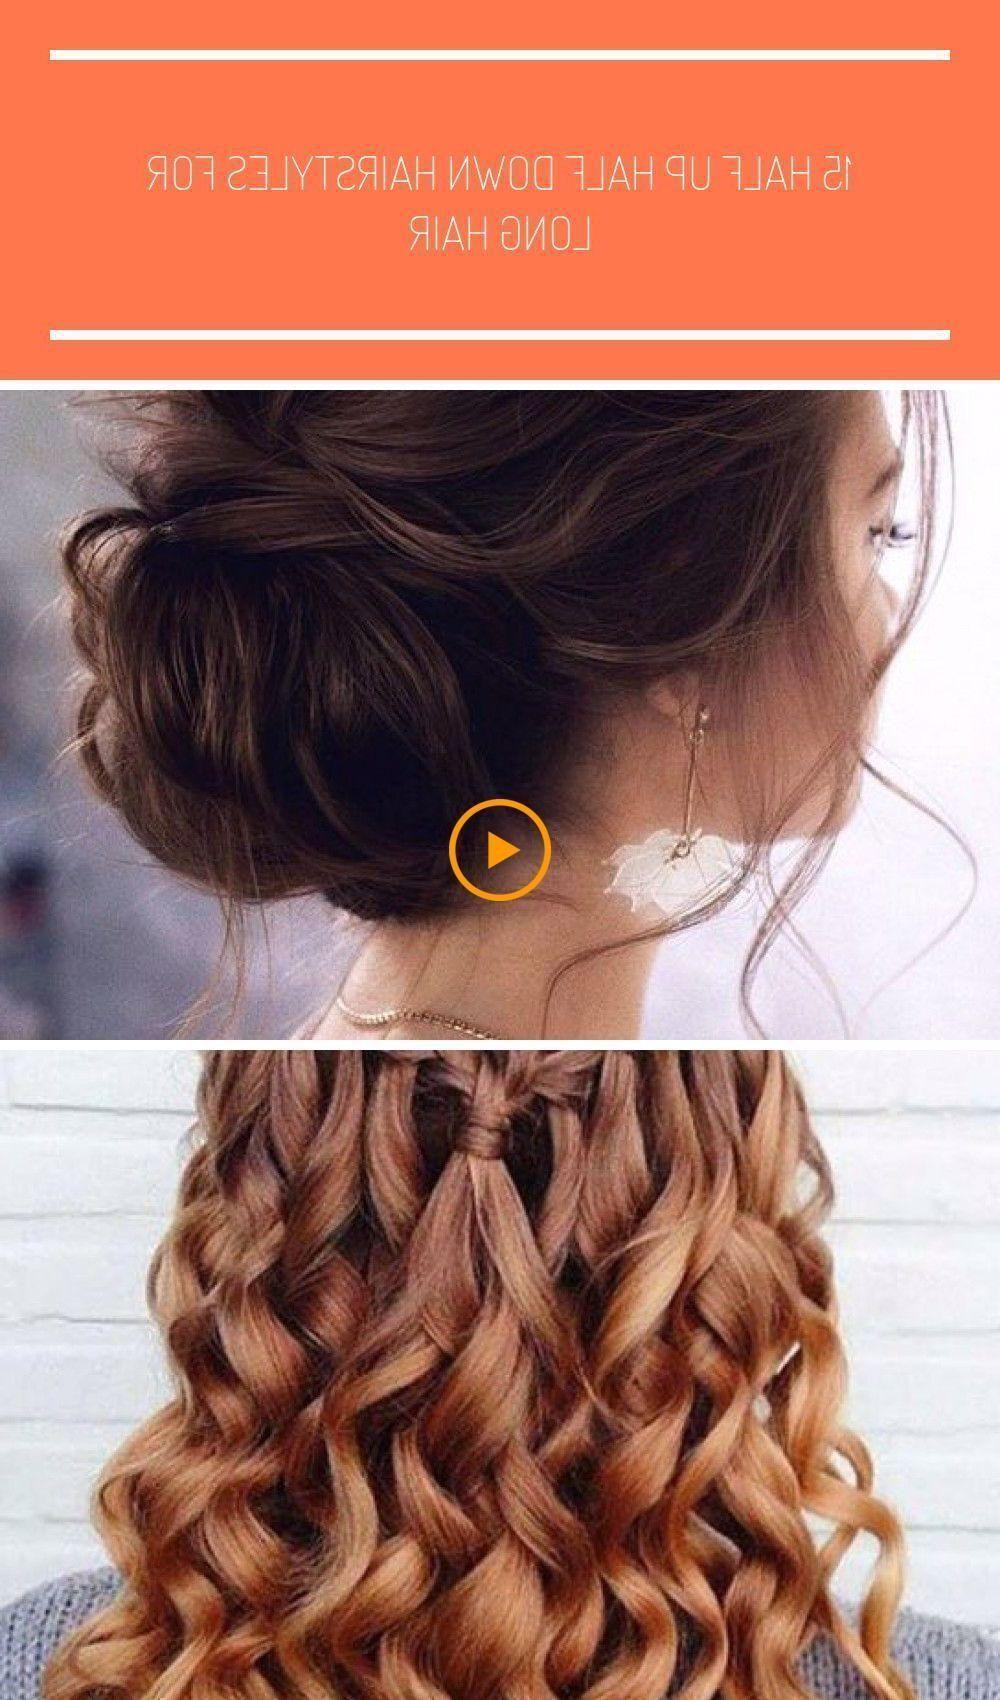 Si está buscando peinados hermosos para la graduación, aquí hay algunas ideas de … – Peinados